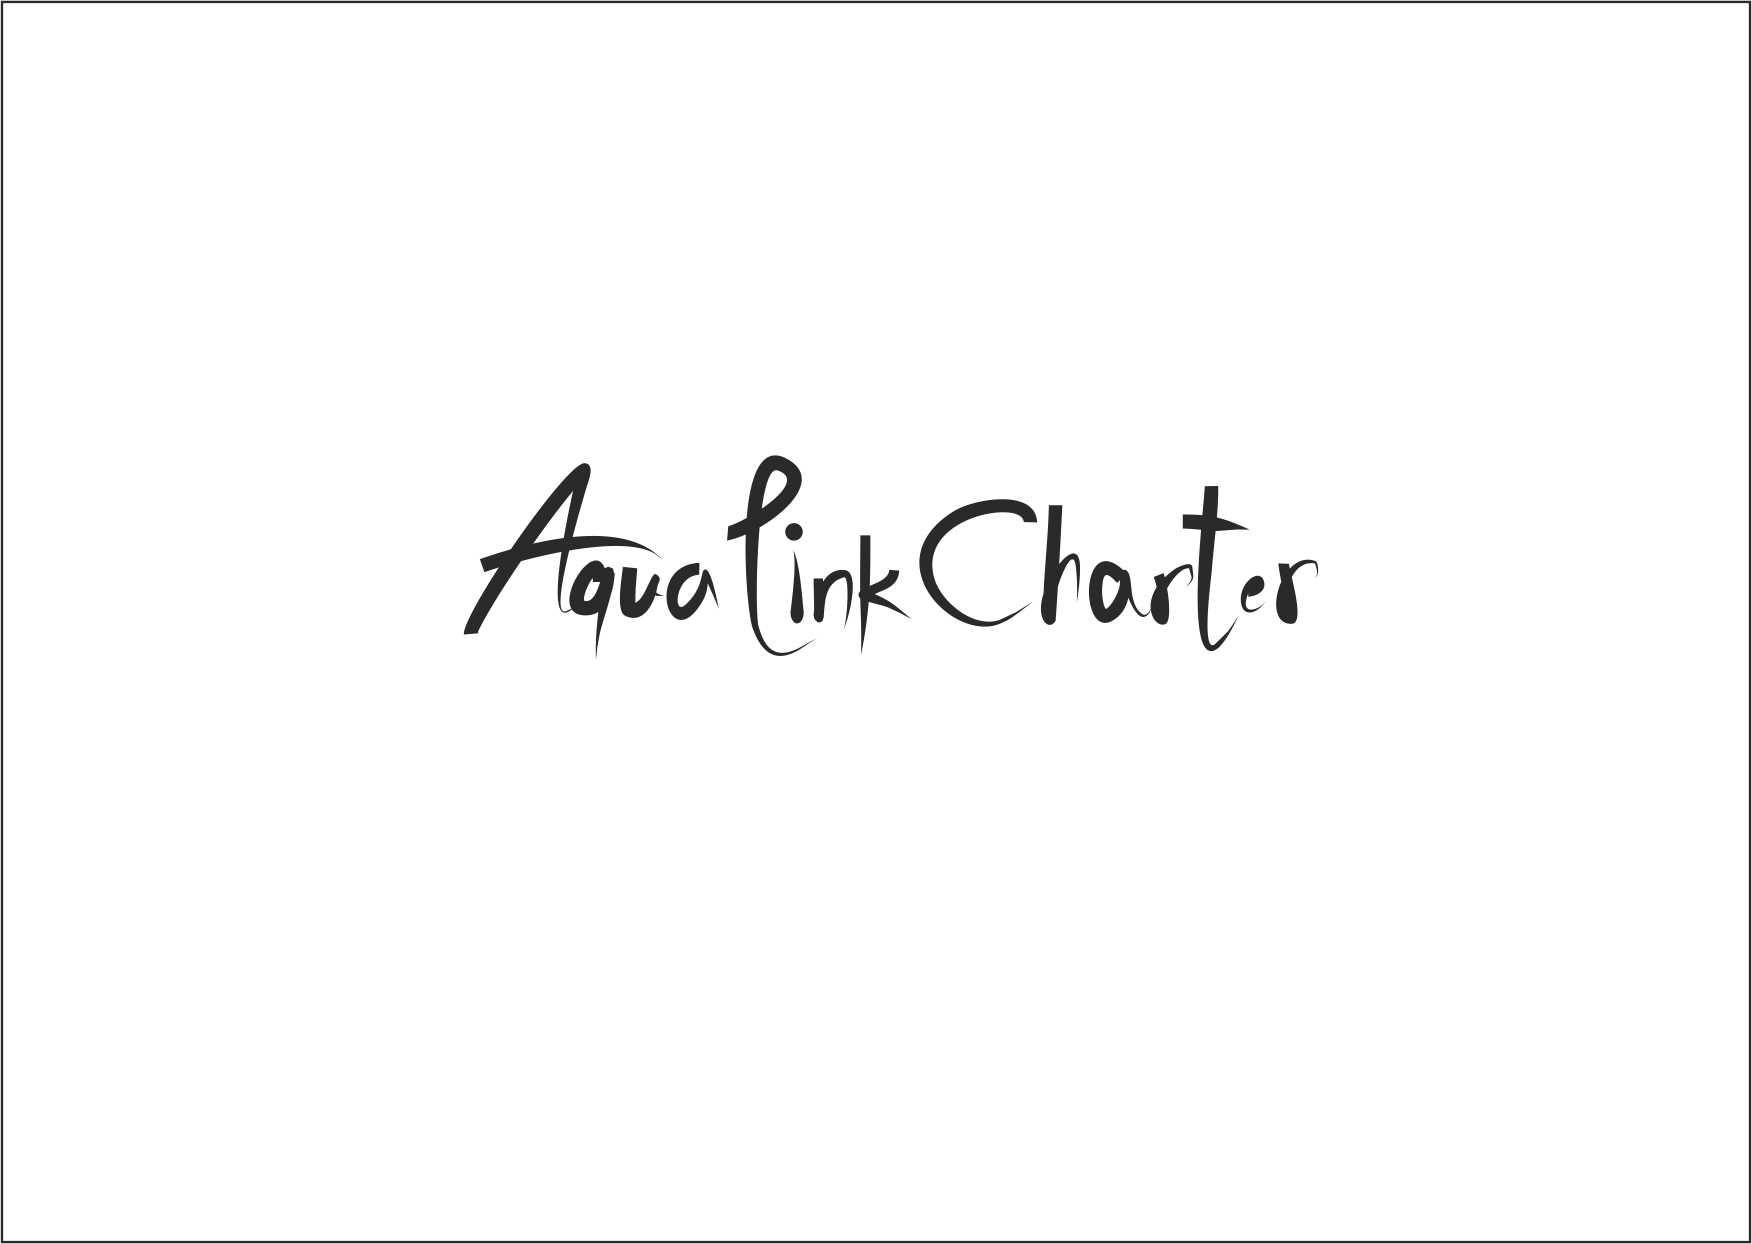 Аренда (чартер) парусных яхт - Aqua Link Charter - дизайнер Marina_L_